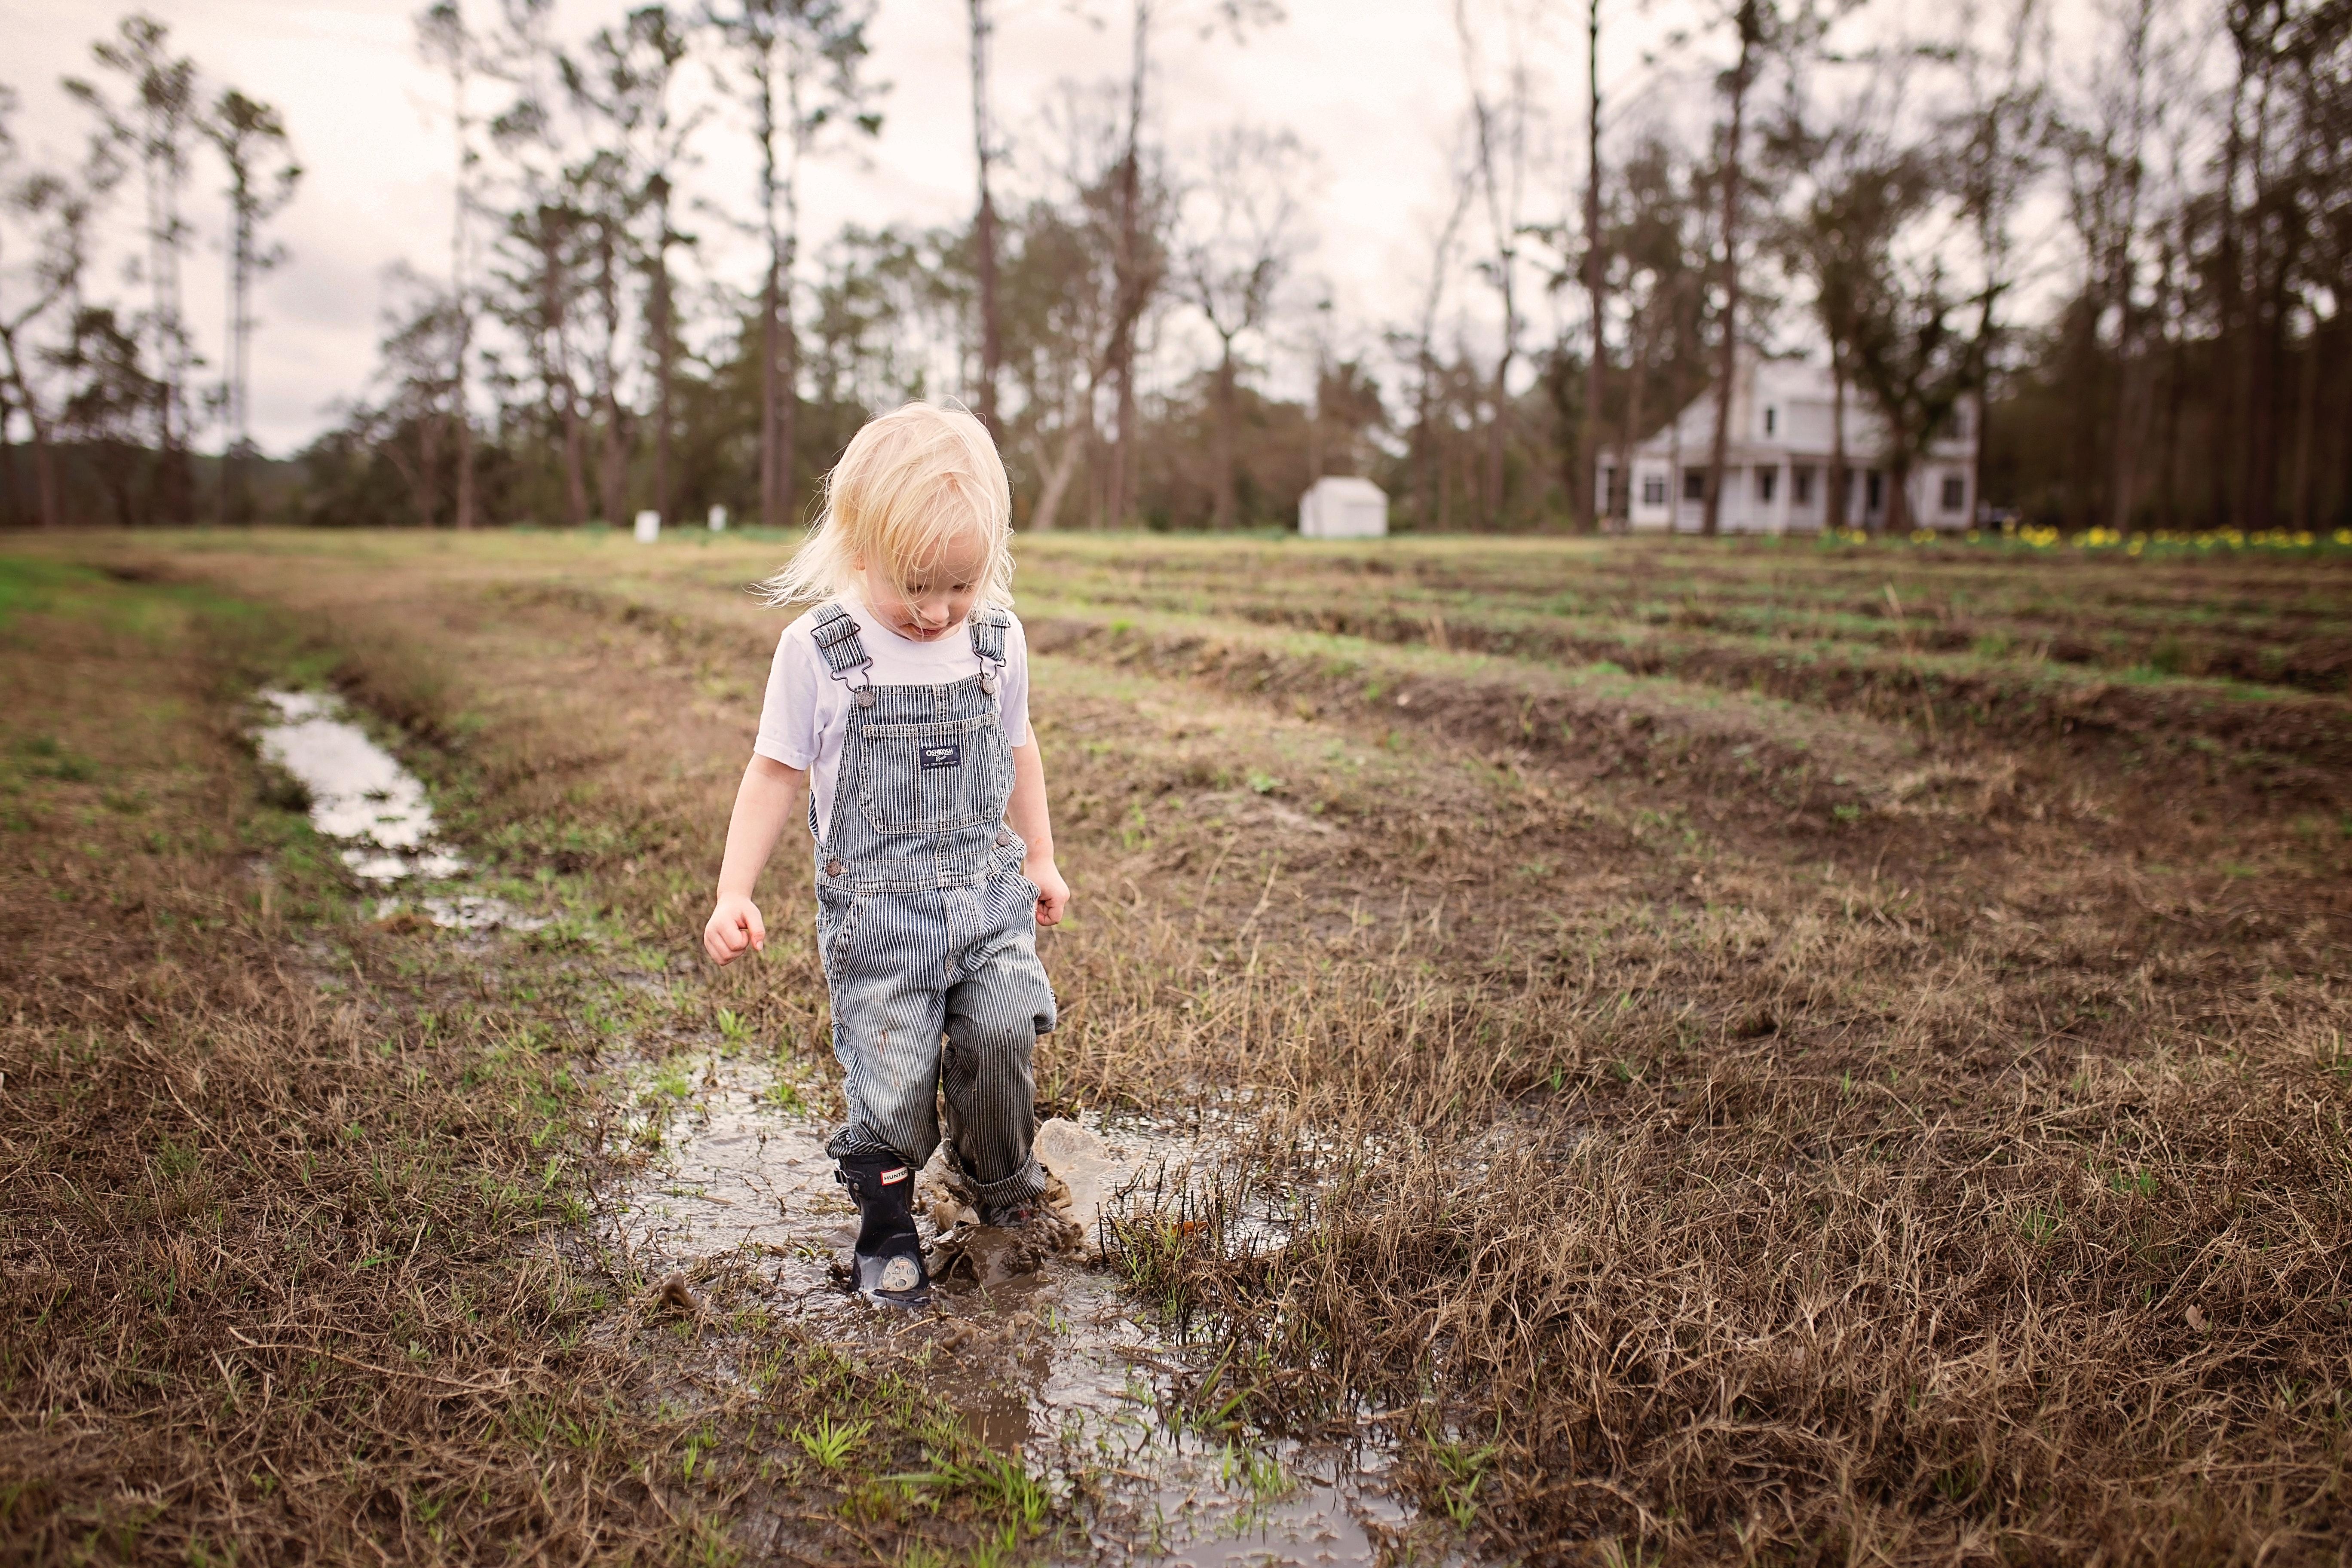 Att hitta rätt kläder som passar alla slags väder och tillfällen till ditt  barn kan vara en djungel. I dag finns ett stort utbud av barnkläder 8831e5f1e1914